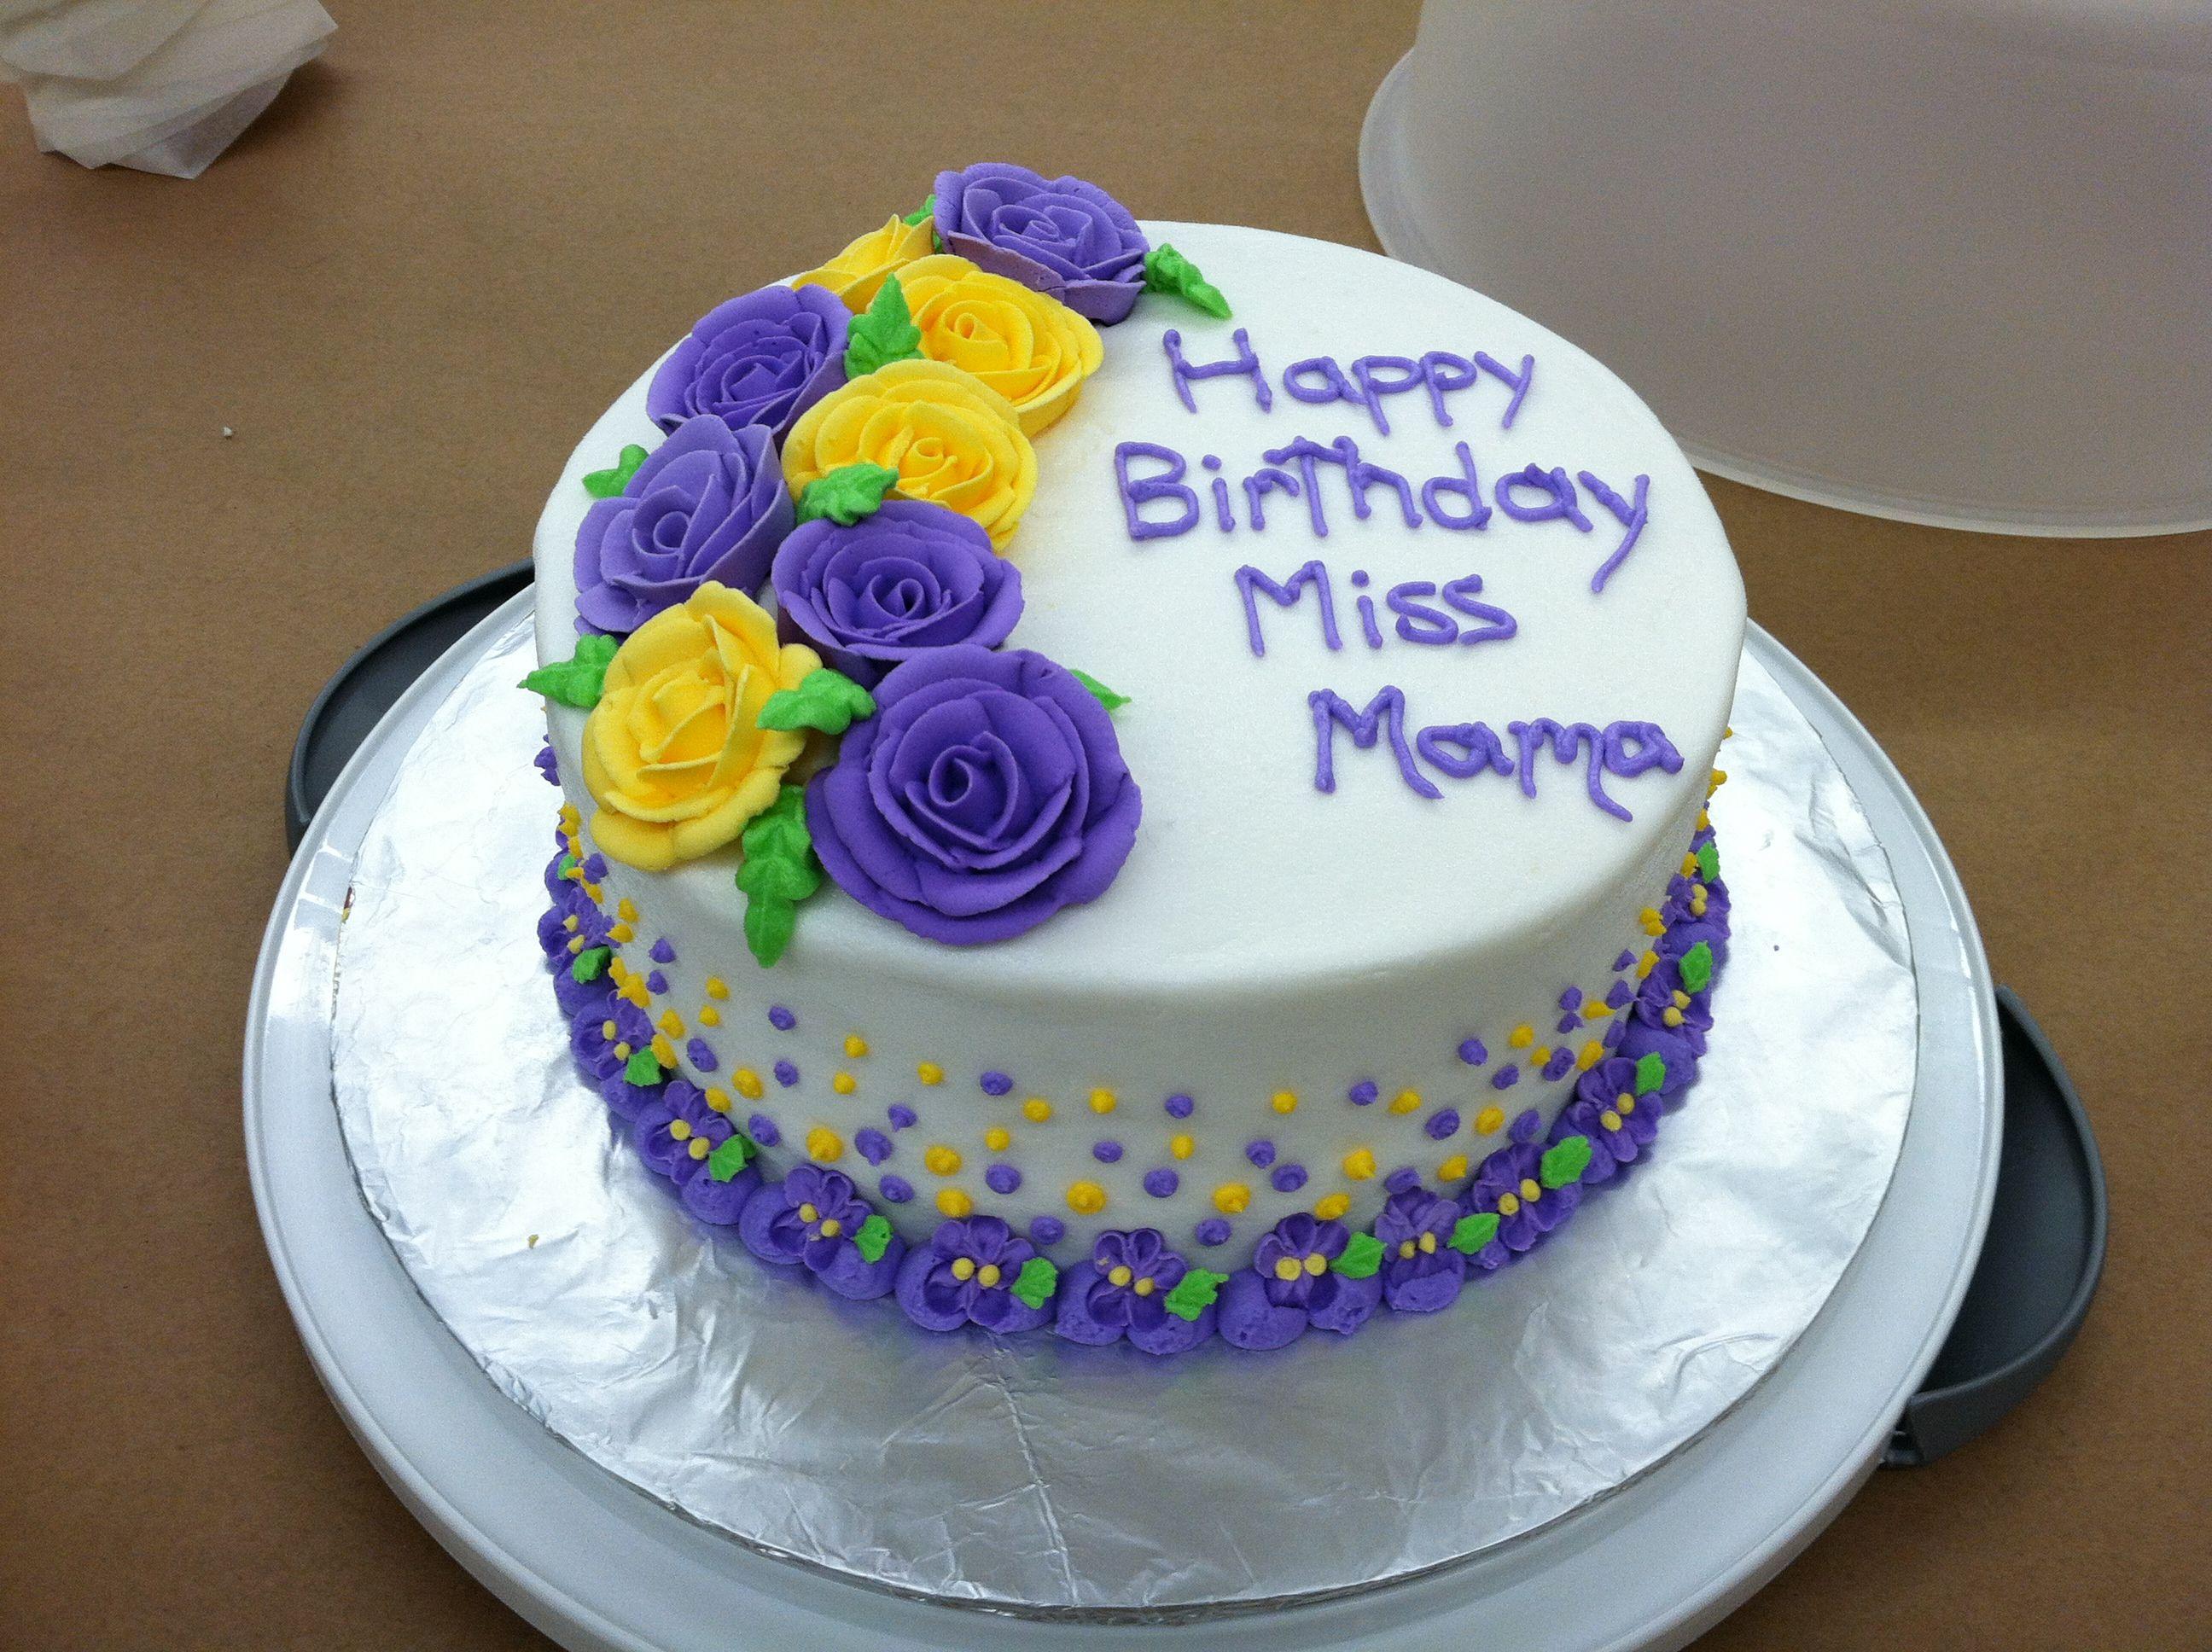 #wiltoncontest Course 2 Final Cake, Michaels, Garner, NC ...